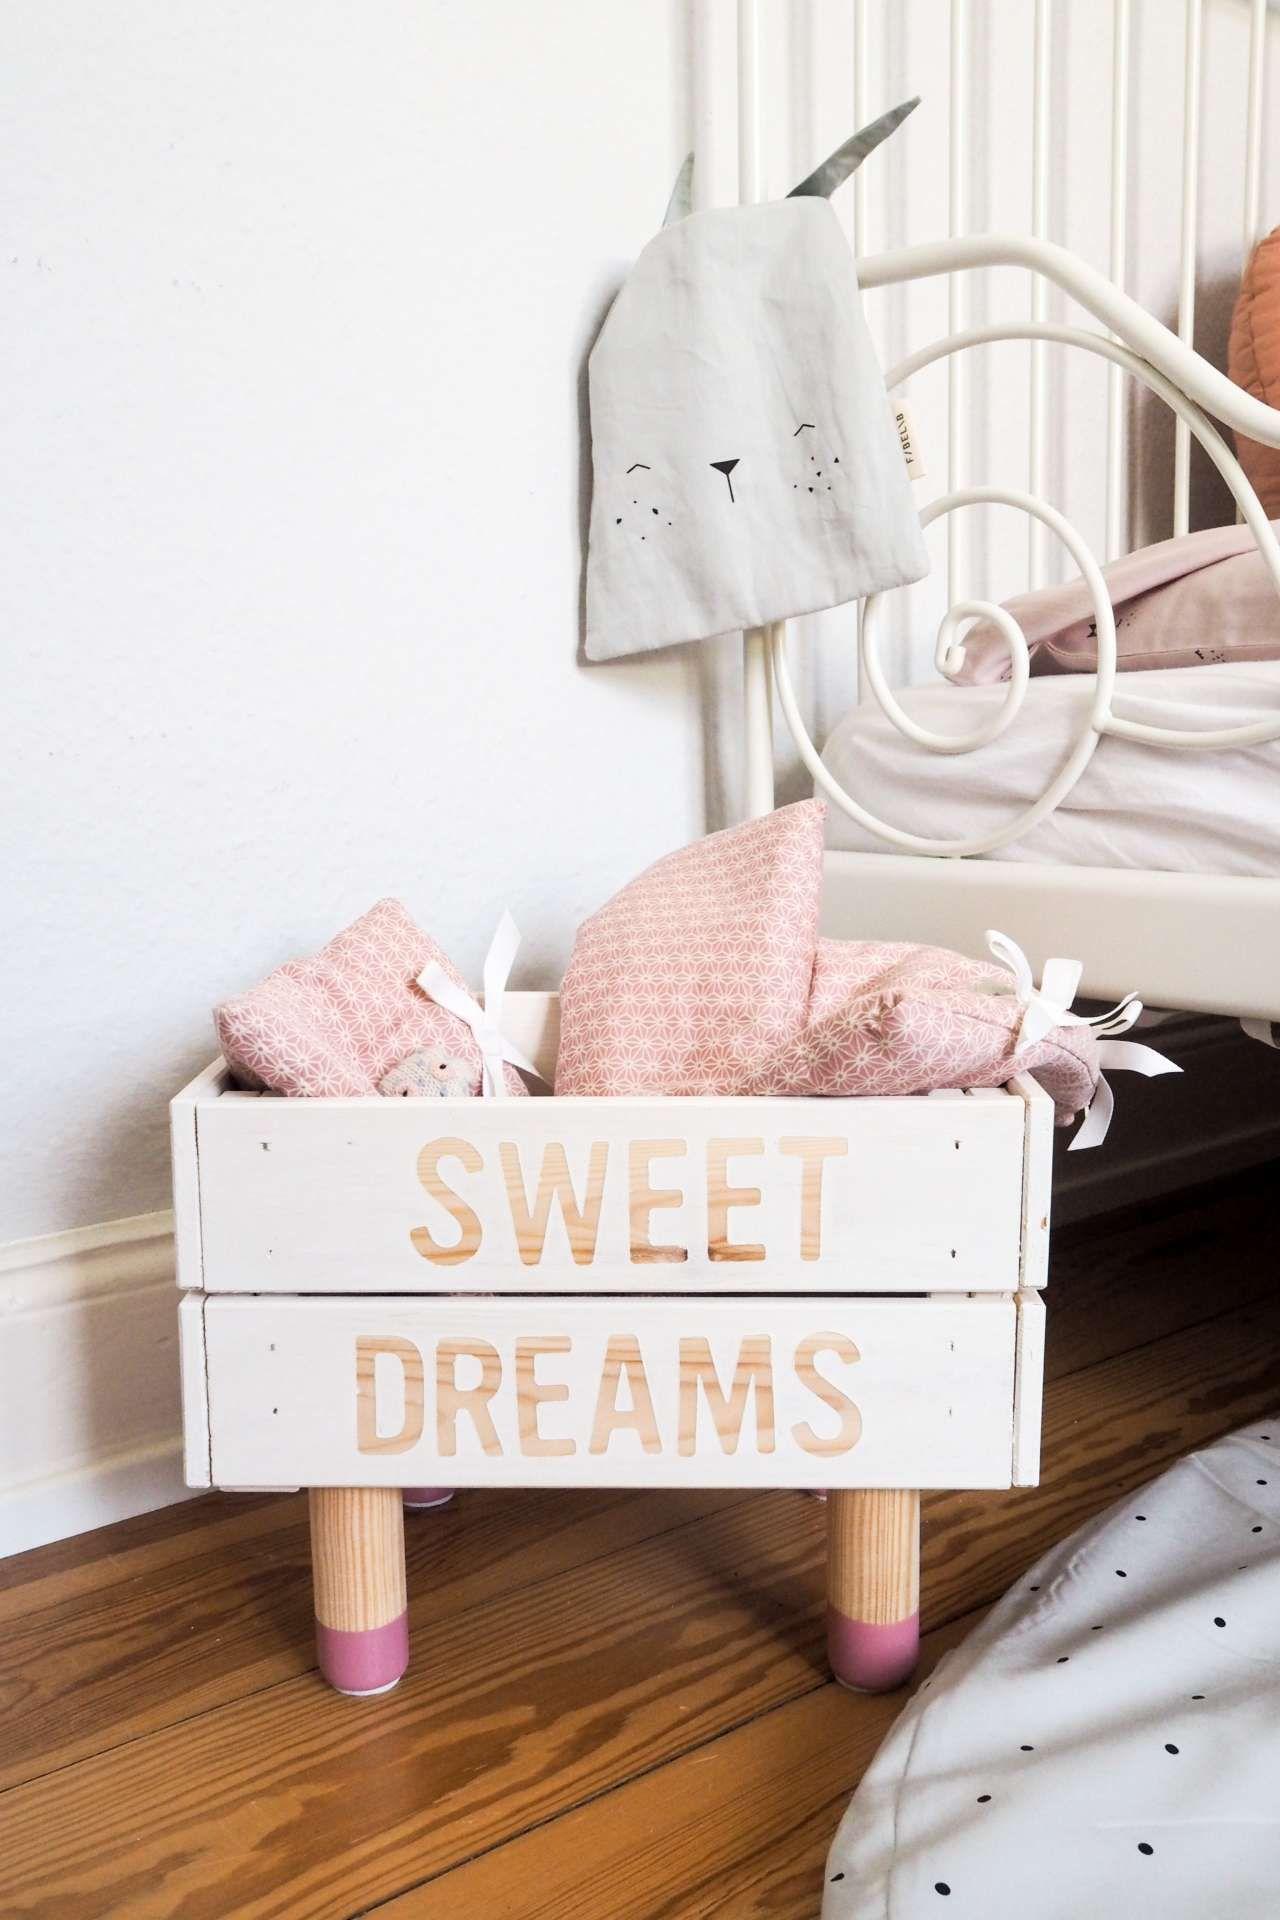 Wunderbar Schöne Kinderzimmer Beste Wahl Diy Puppenbett Mit Schriftzug Und Rosa Holzfüßen